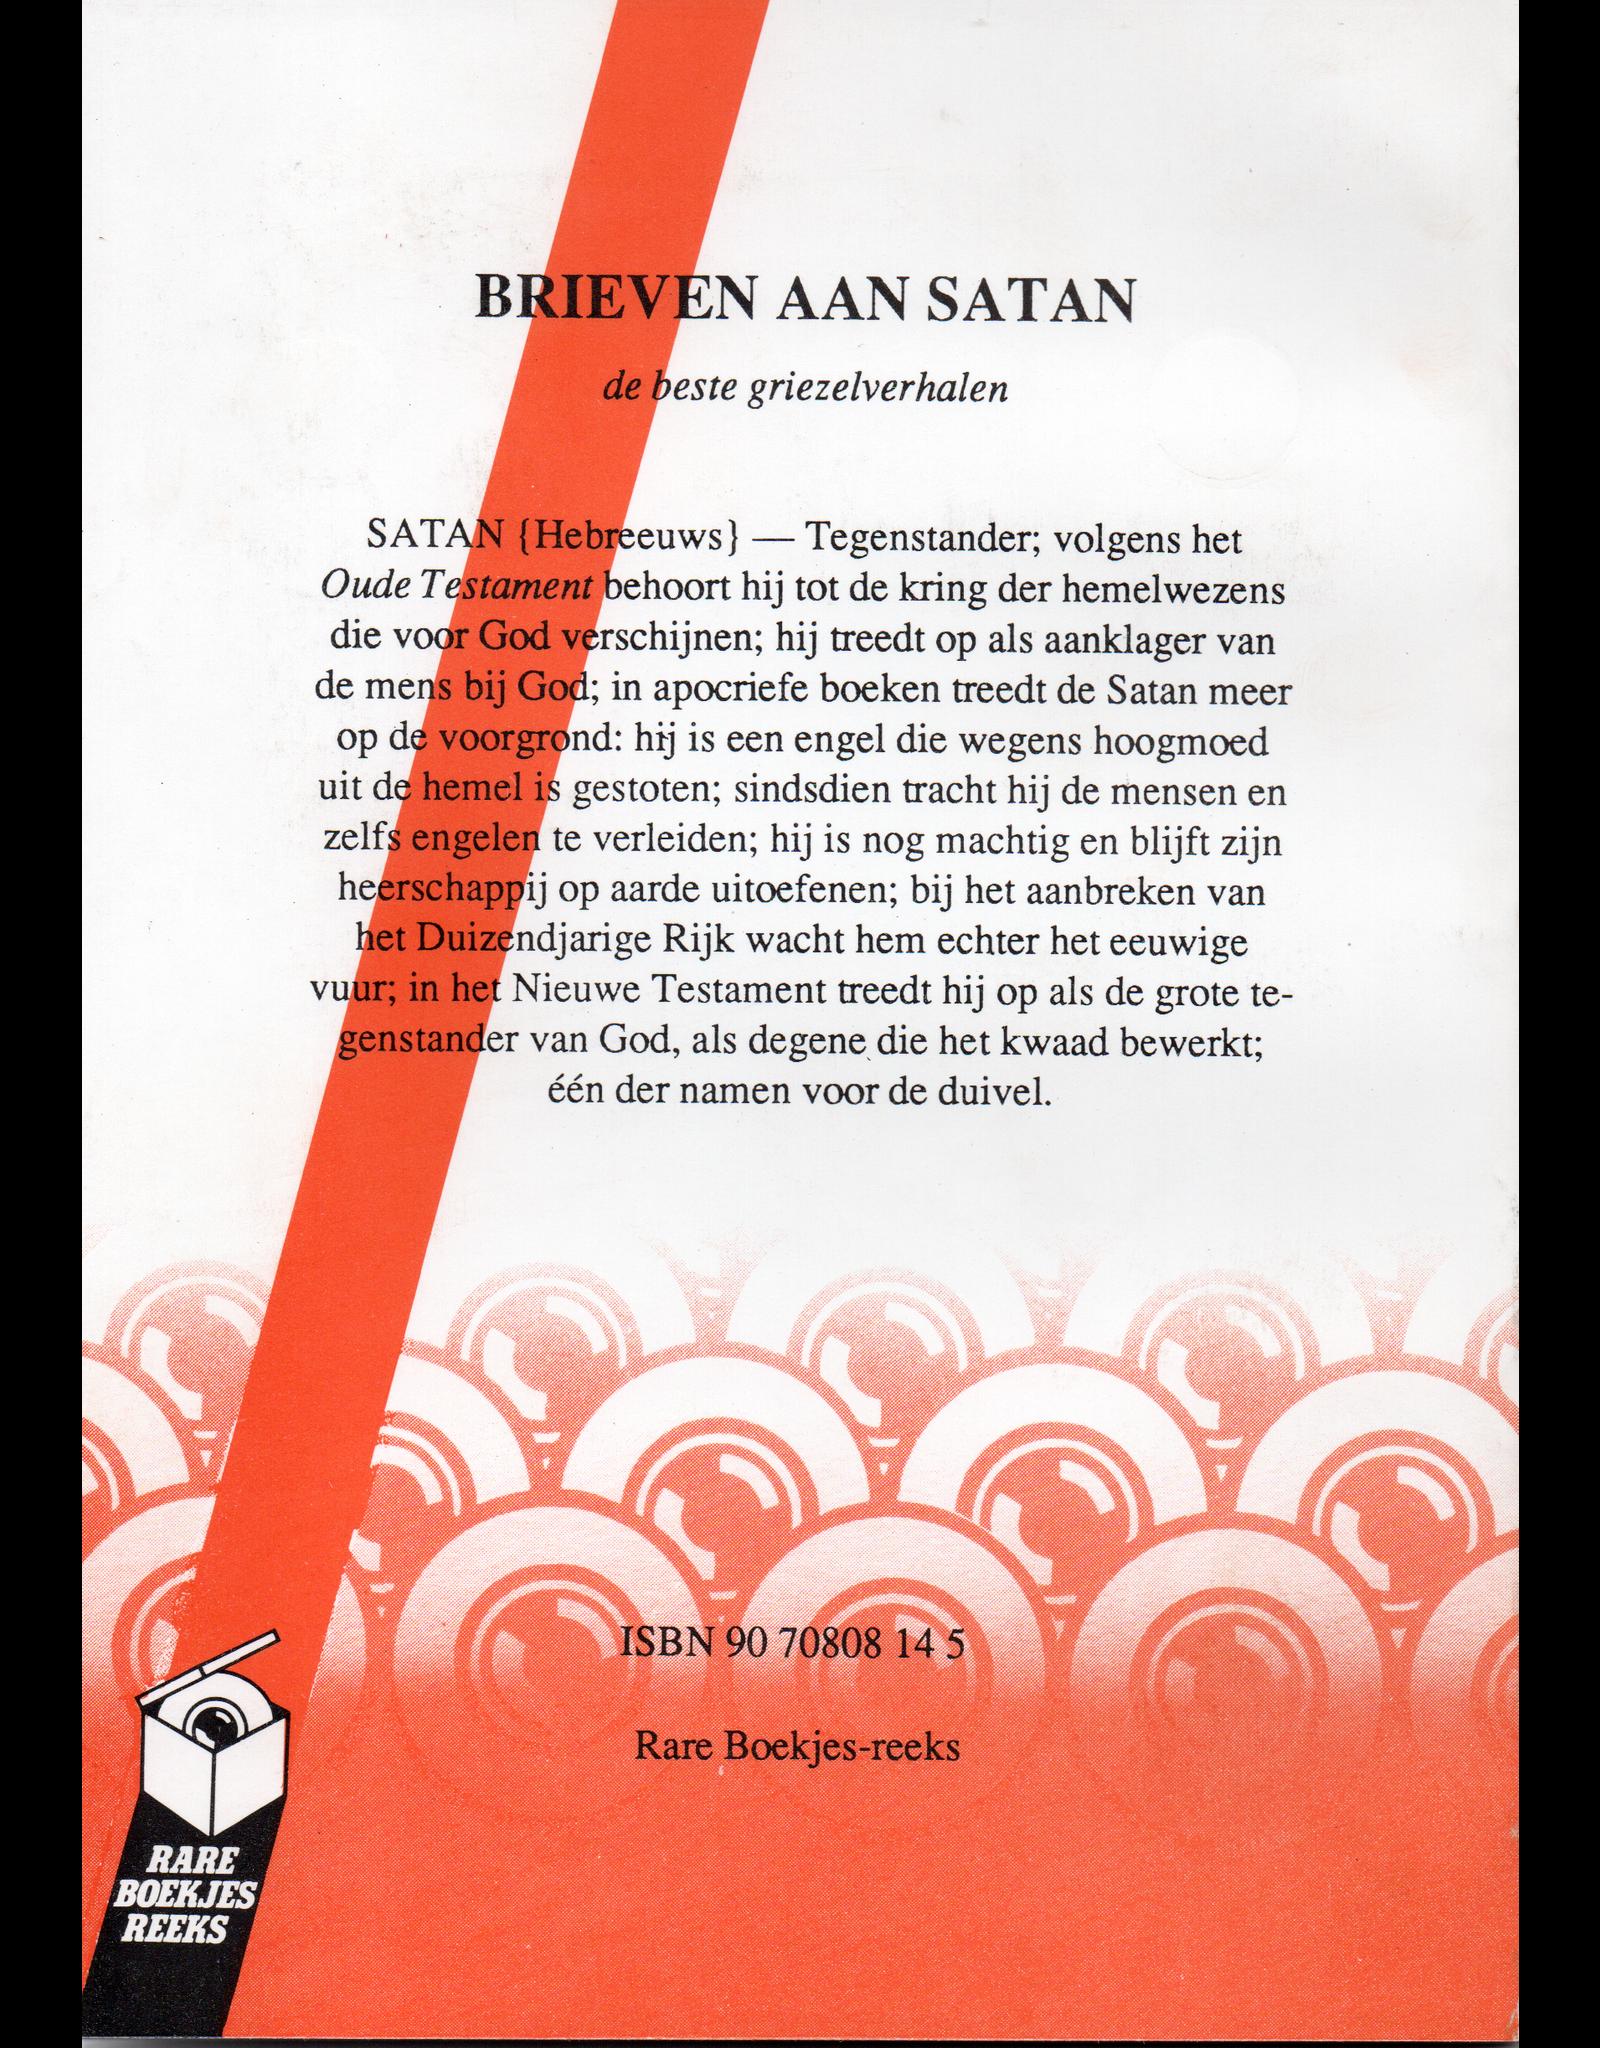 Brieven aan Satan – de beste griezelverhalen